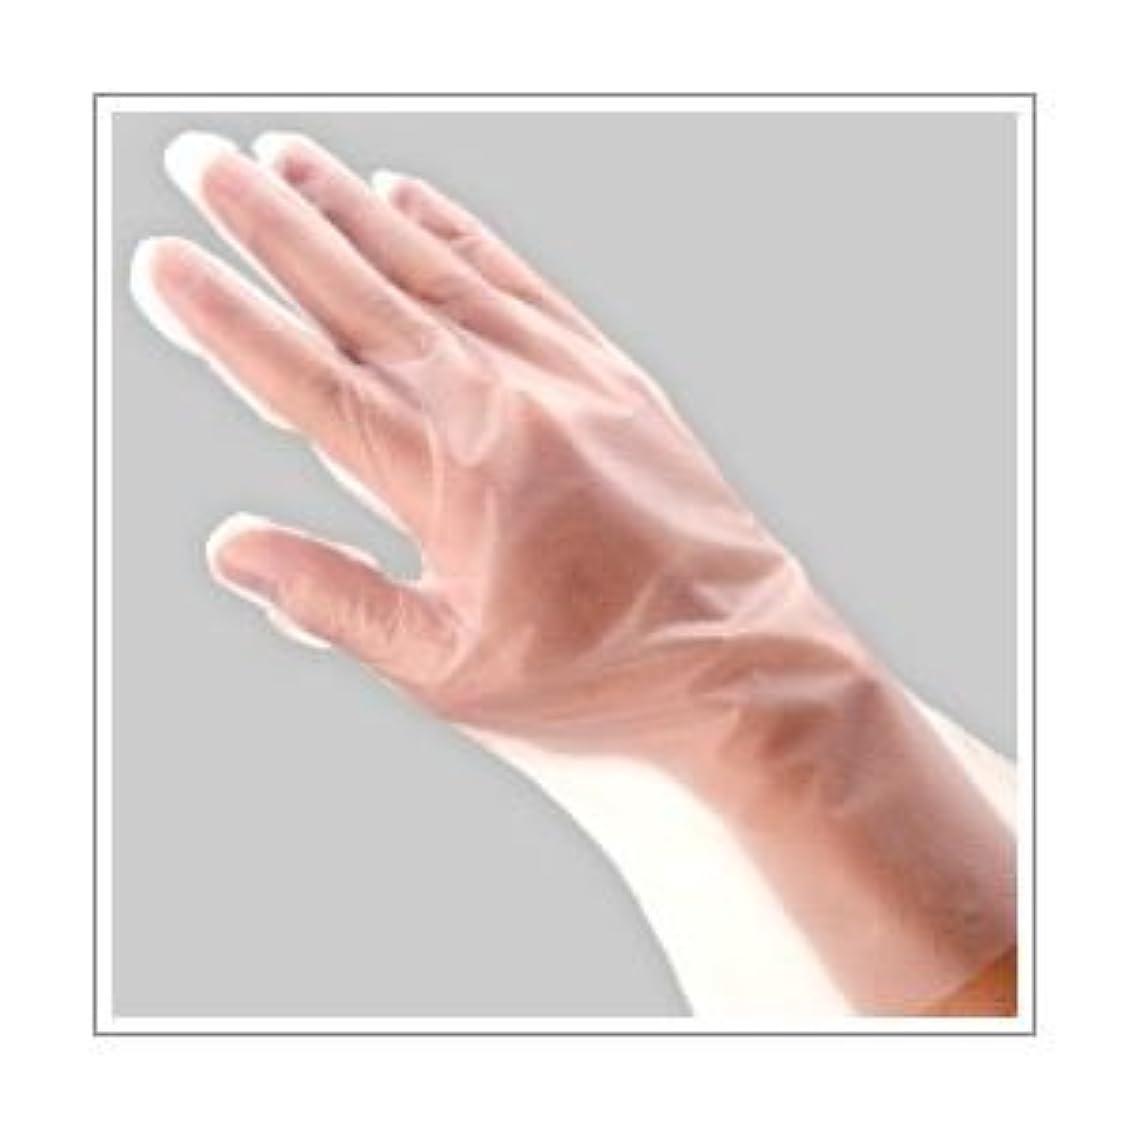 ロック解除代名詞眠っている(業務用セット) 福助工業 ポリ手袋 指フィット 100枚パック M 【×10セット】